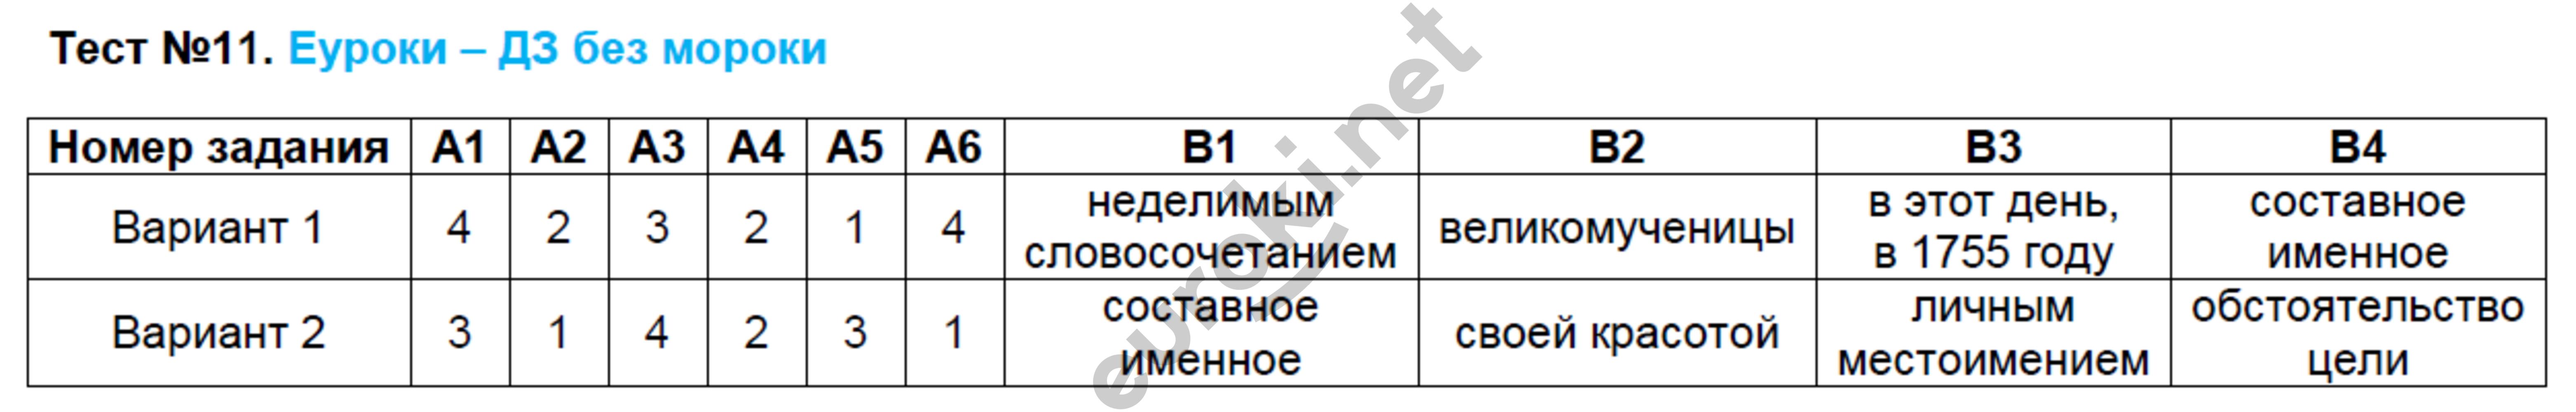 ГДЗ по русскому языку 8 класс контрольно-измерительные материалы Егорова. Задание: Тест 11